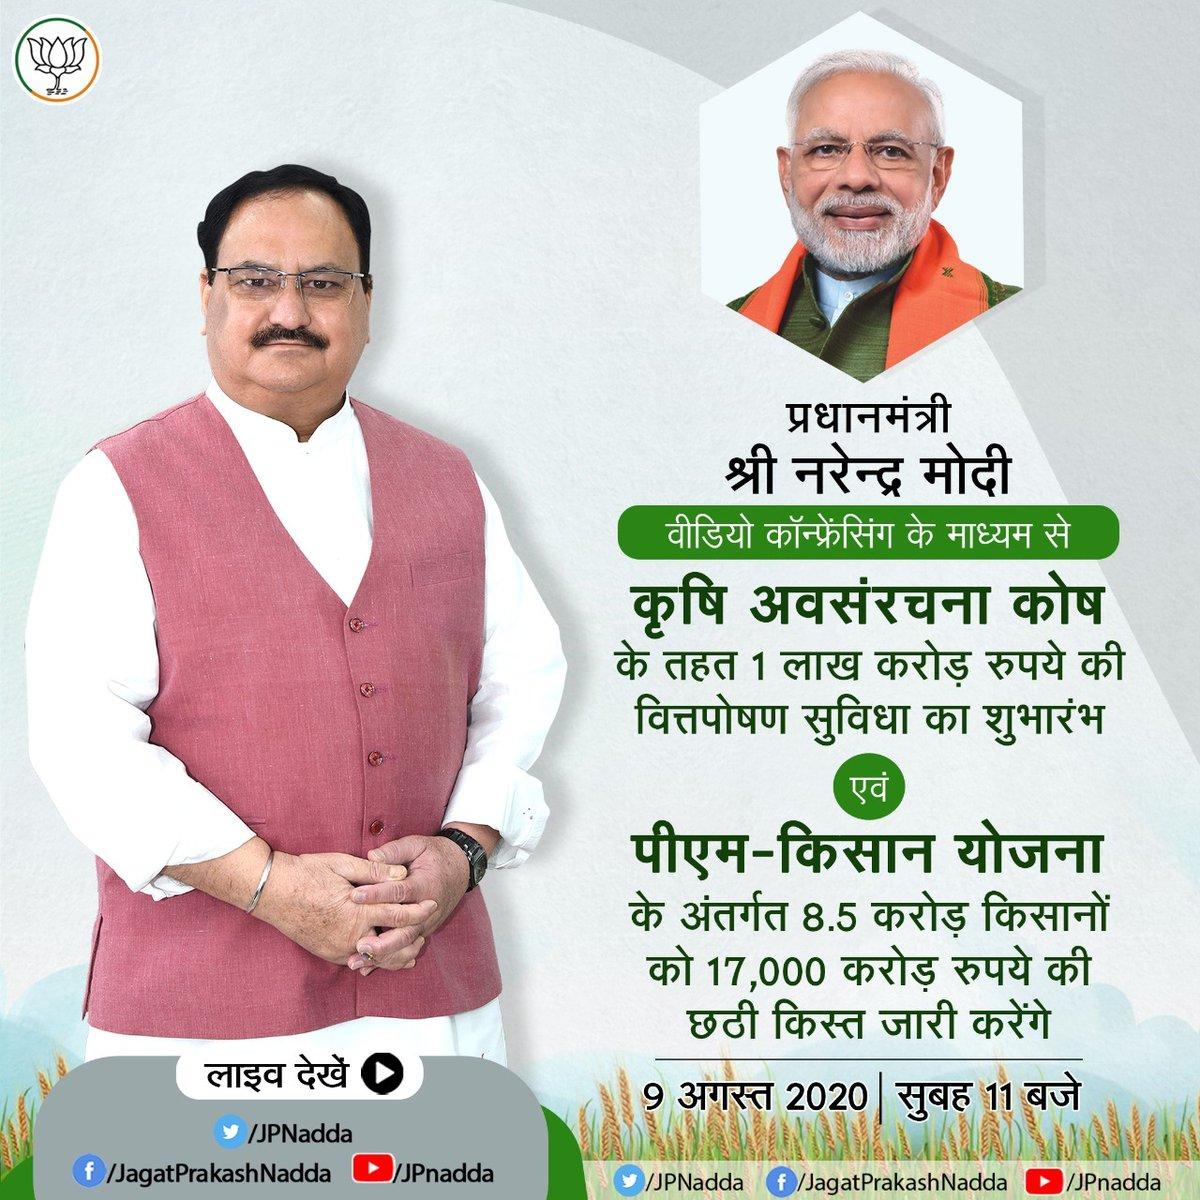 आदरणीय प्रधानमंत्री श्री @narendramodi जी कल सुबह 11 बजे वीडियो कॉन्फ्रेंसिंग के माध्यम से कृषि अवसंरचना कोष के तहत 1 लाख करोड़ रुपए की वित्तपोषण सुविधा का शुभारंभ एवं पीएम-किसान योजना के अंतर्गत 8.5 करोड़ किसानों को 17,000 करोड़ रुपए की छठी किस्त जारी करेंगे। https://t.co/oEy2H0pHe5